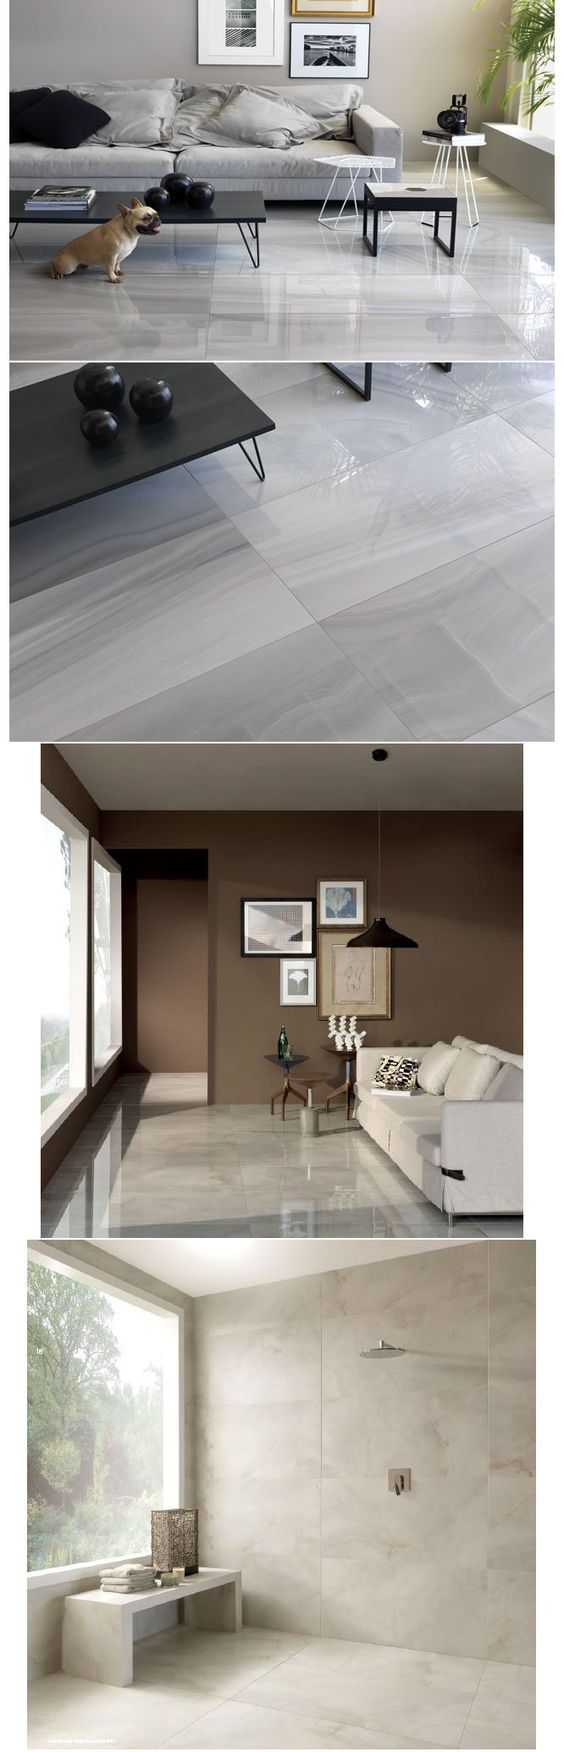 Pisos para interiores pisos para interiores de casas for Pisos modernos para apartamentos